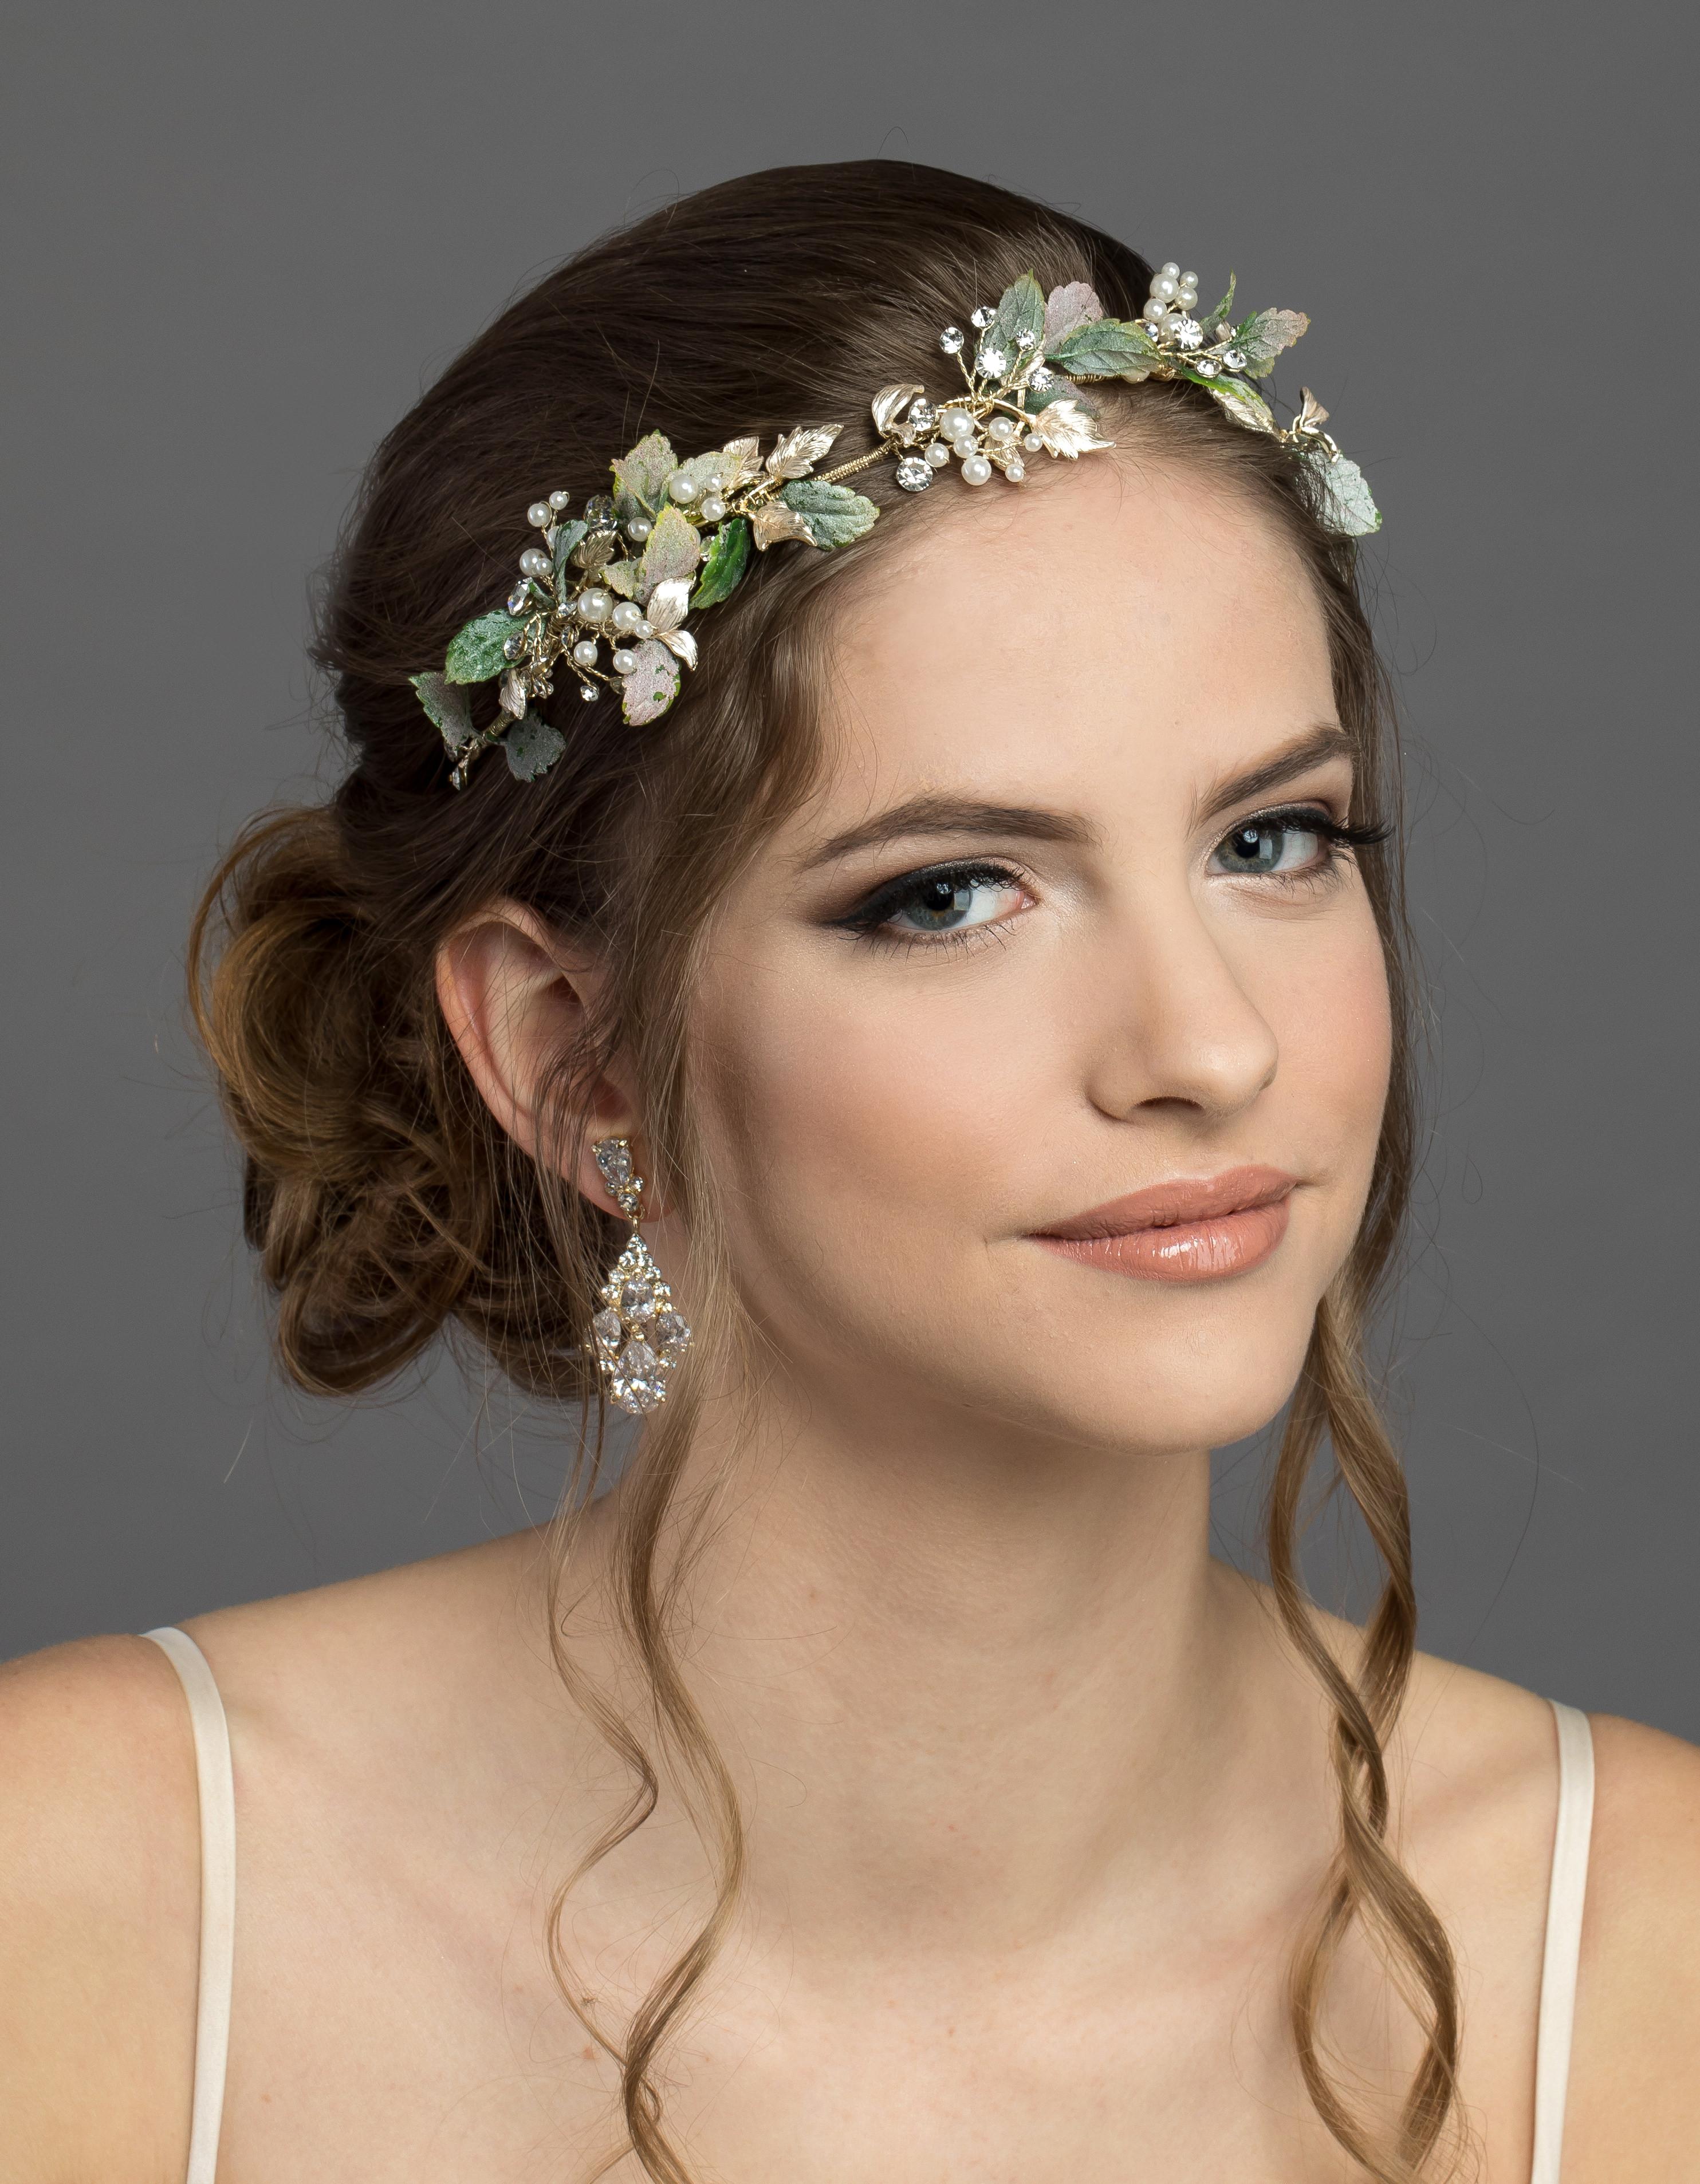 Bridal Classics Headbands, Wreaths & Vines T-4400